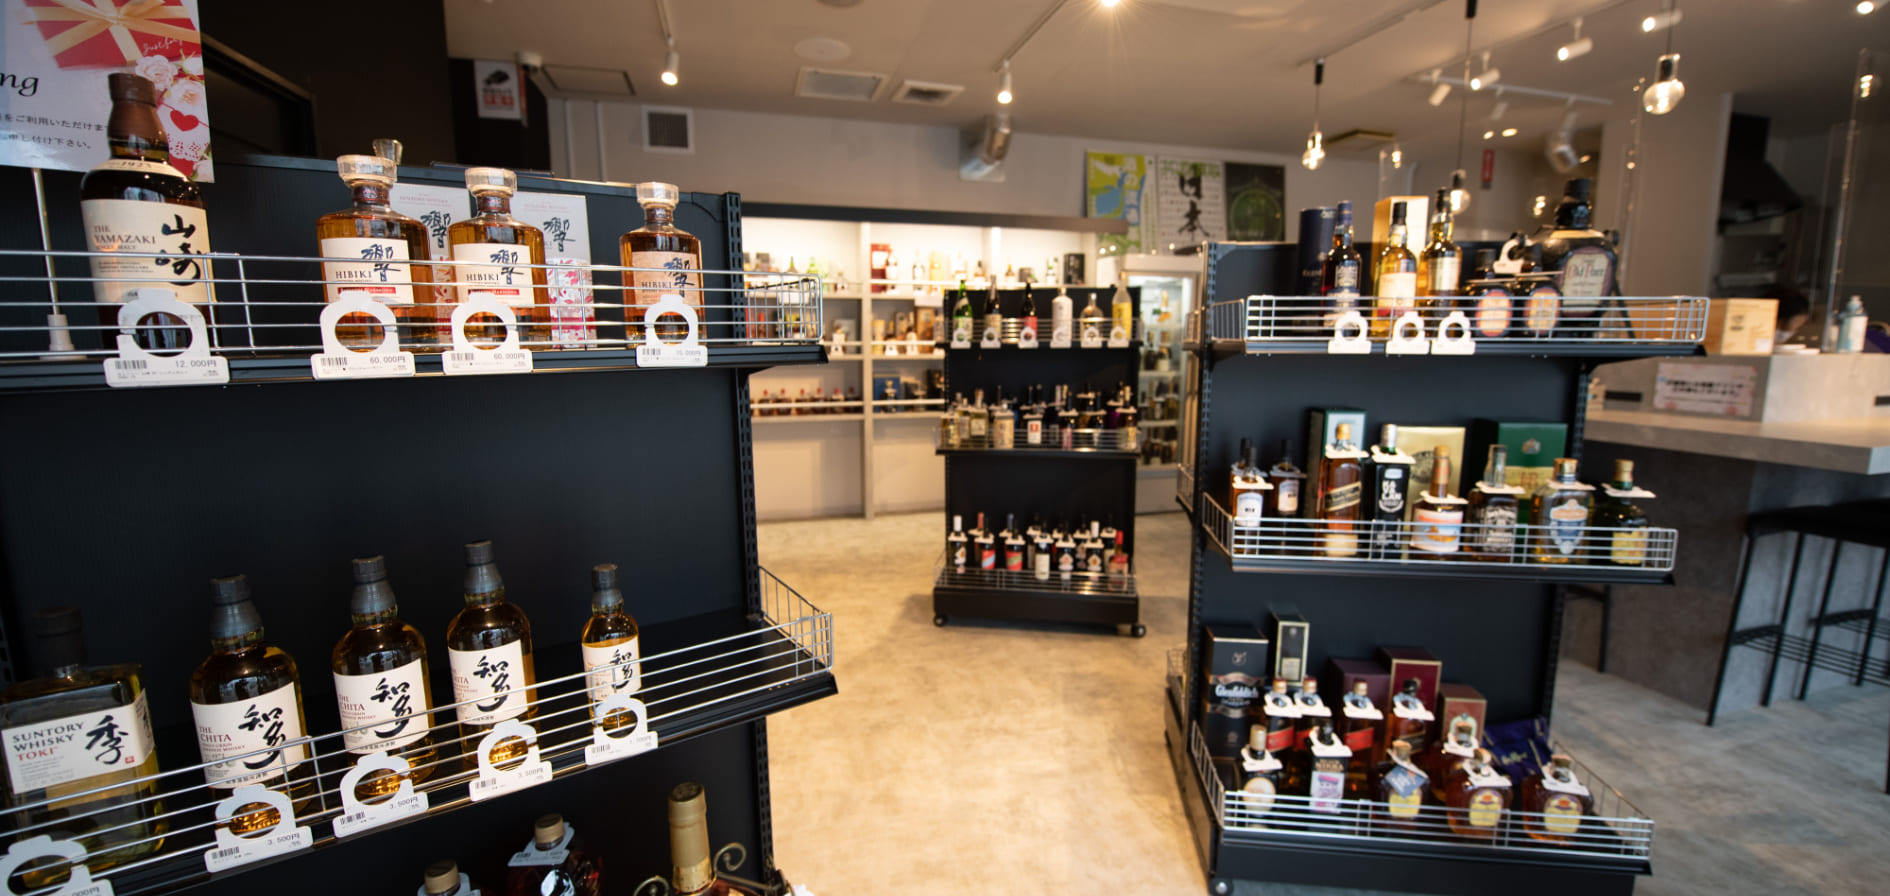 ウィスキー買取のみに特化したプロフェッショナル集団